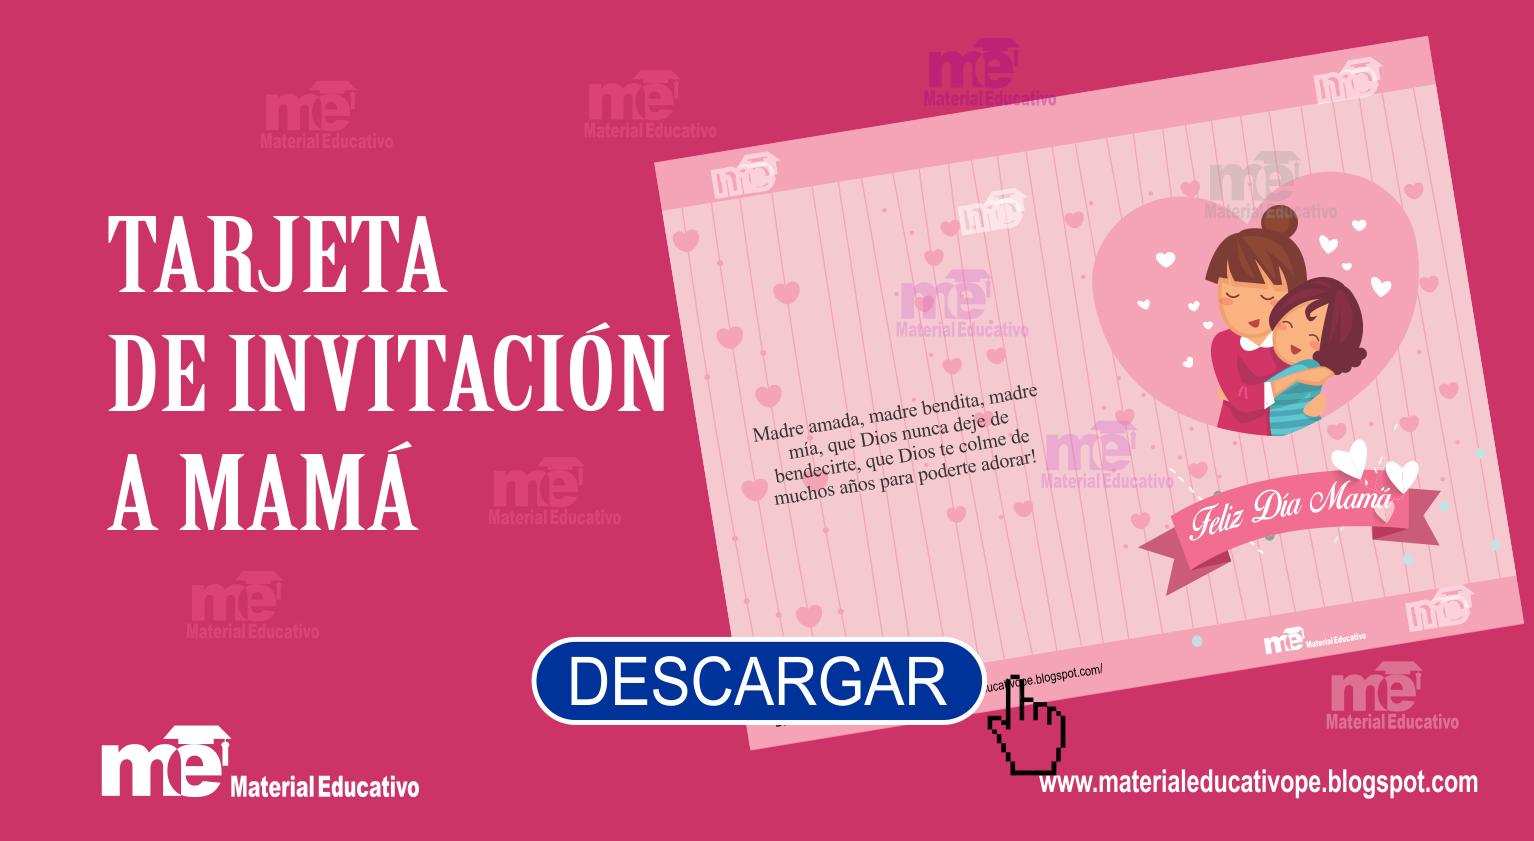 Tarjeta De Invitación A Mamá Material Educativo